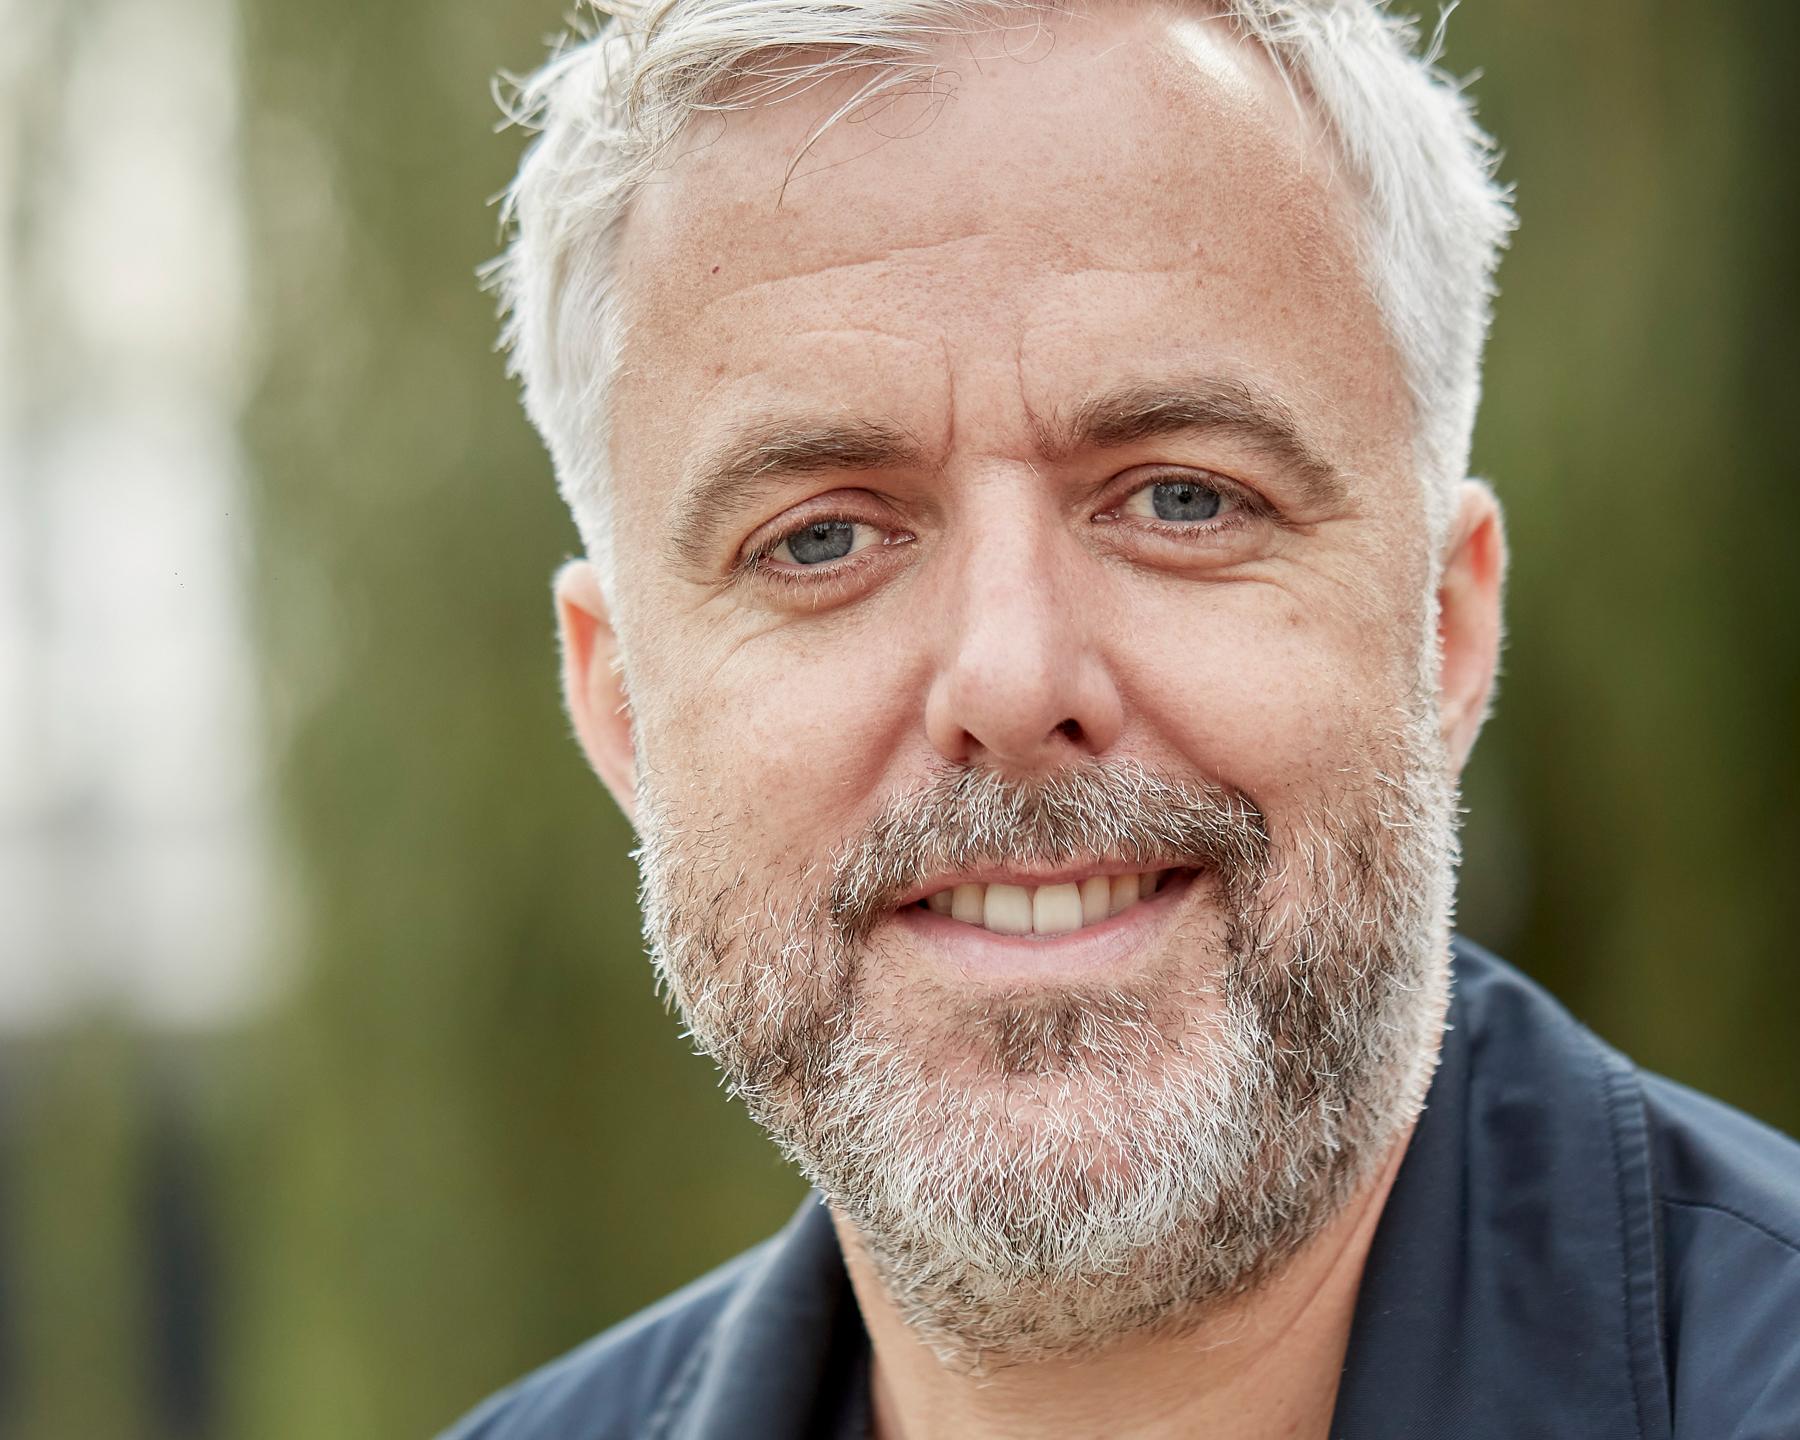 Adam Partridge